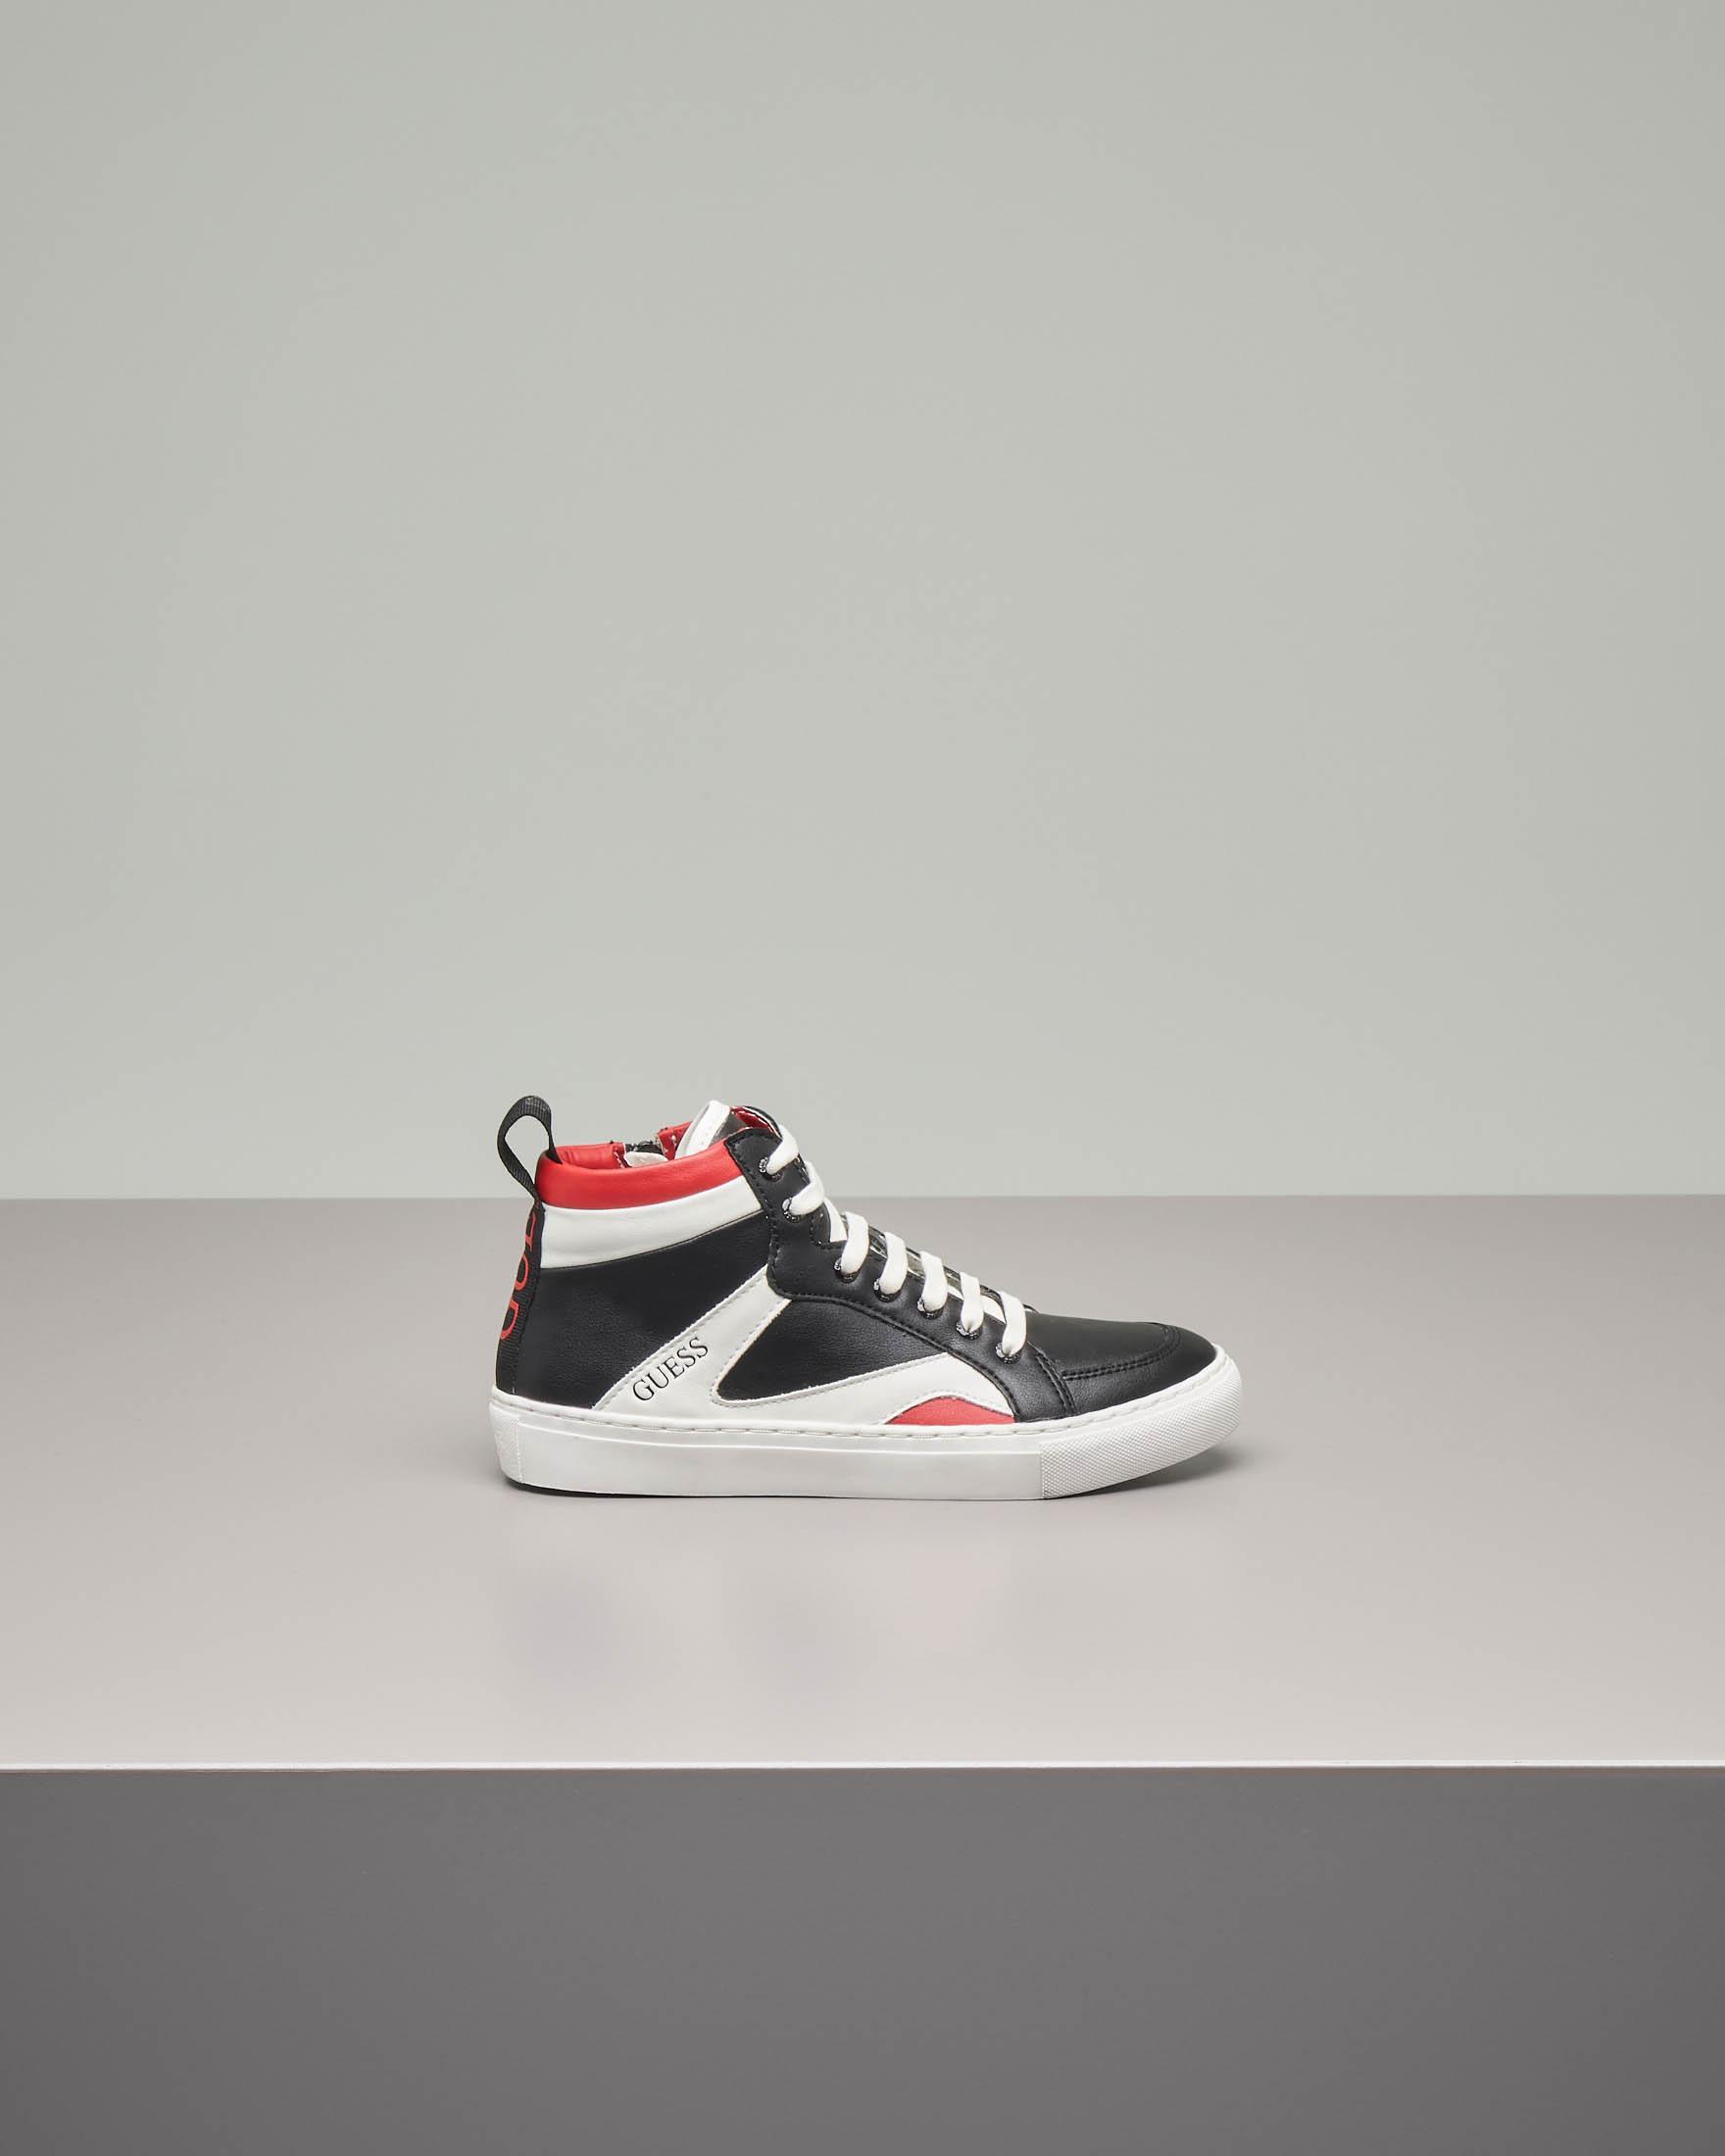 Sneakers alte nere con inserti bianchi e rossi 35-40